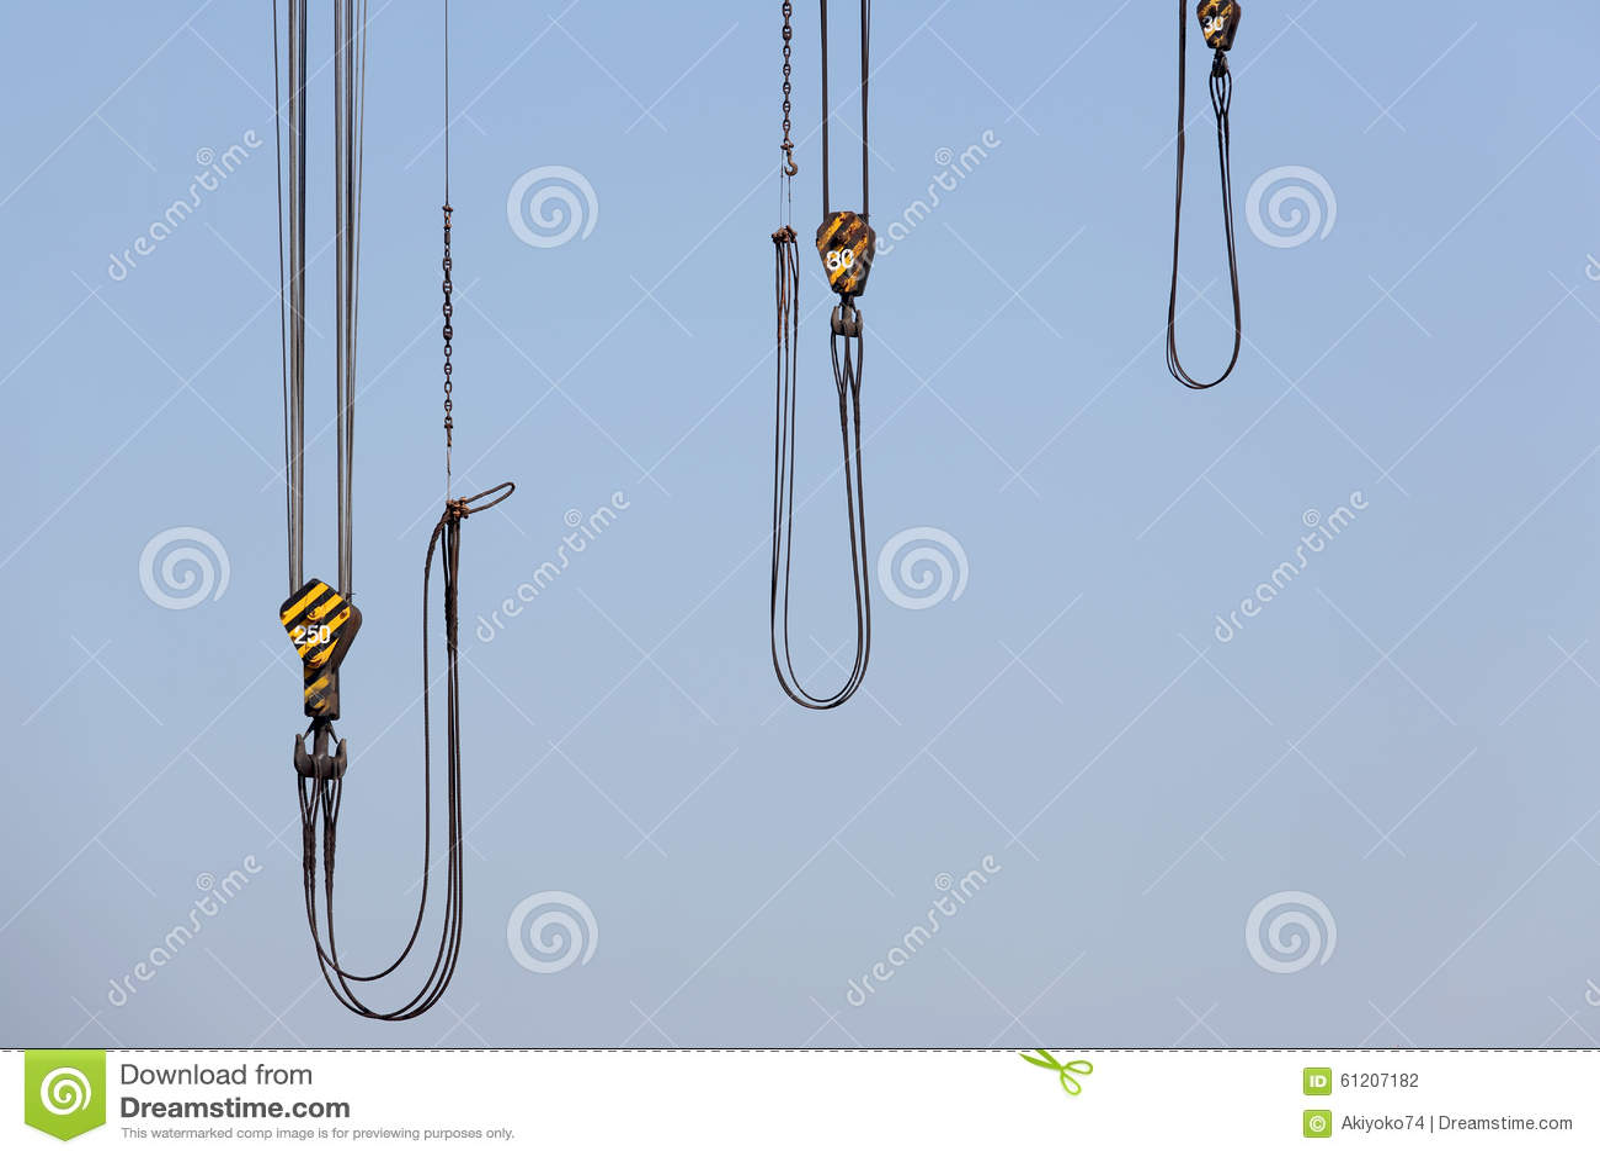 Krantråd med stålkroken